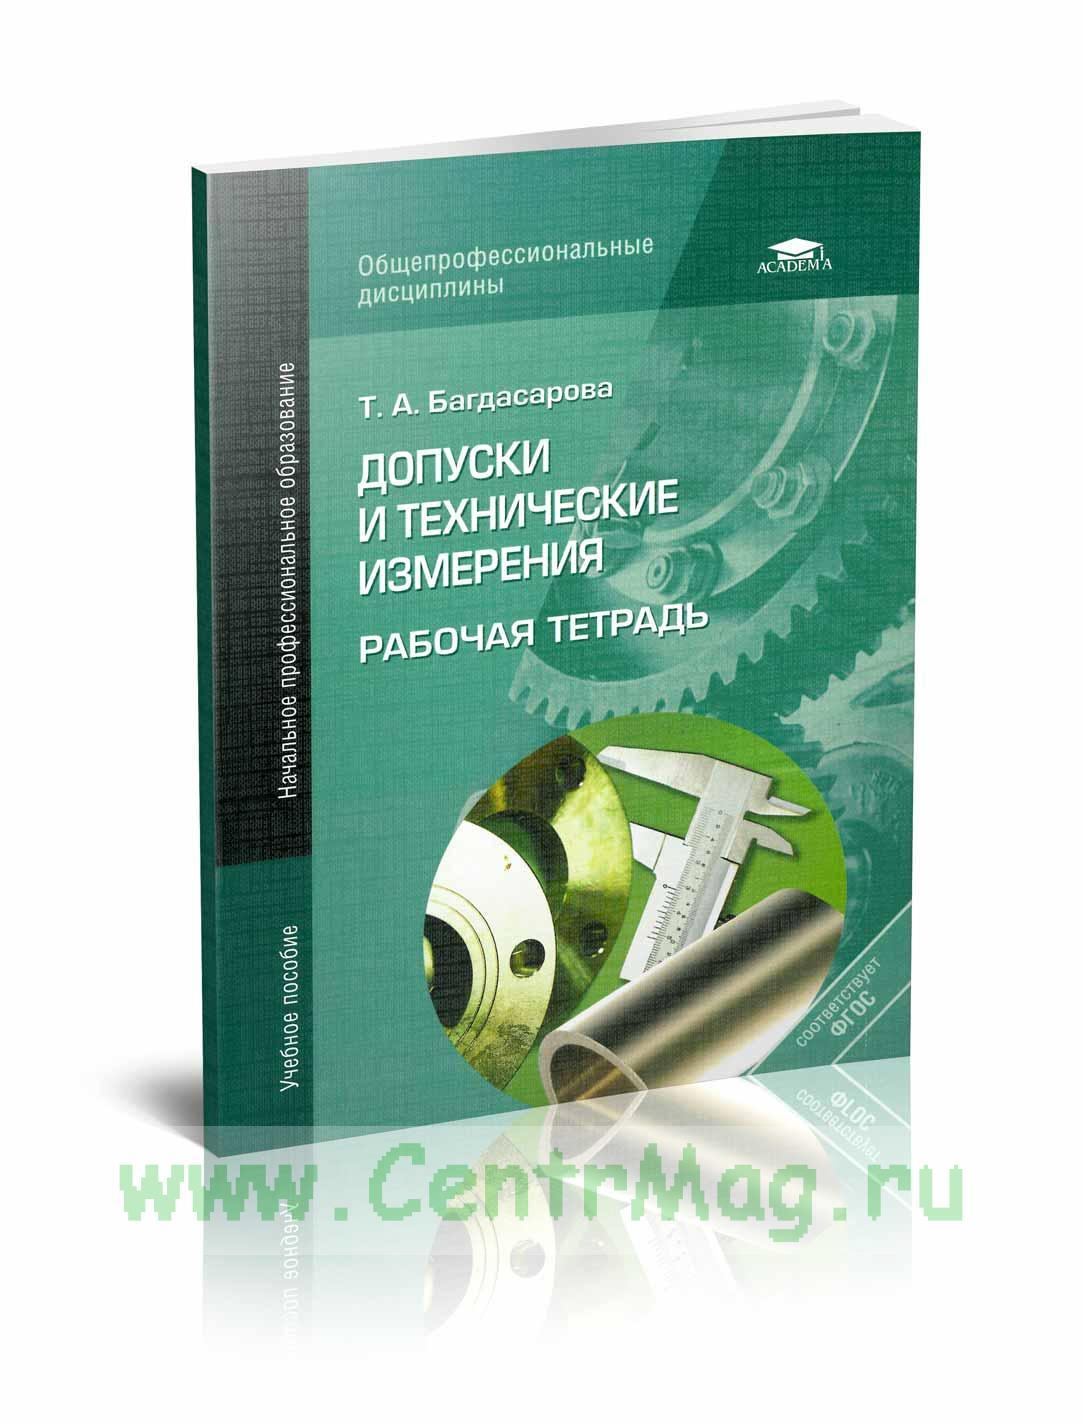 Решебник рабочая тетрадь допуски, посадки технические измерения автор багдасарова